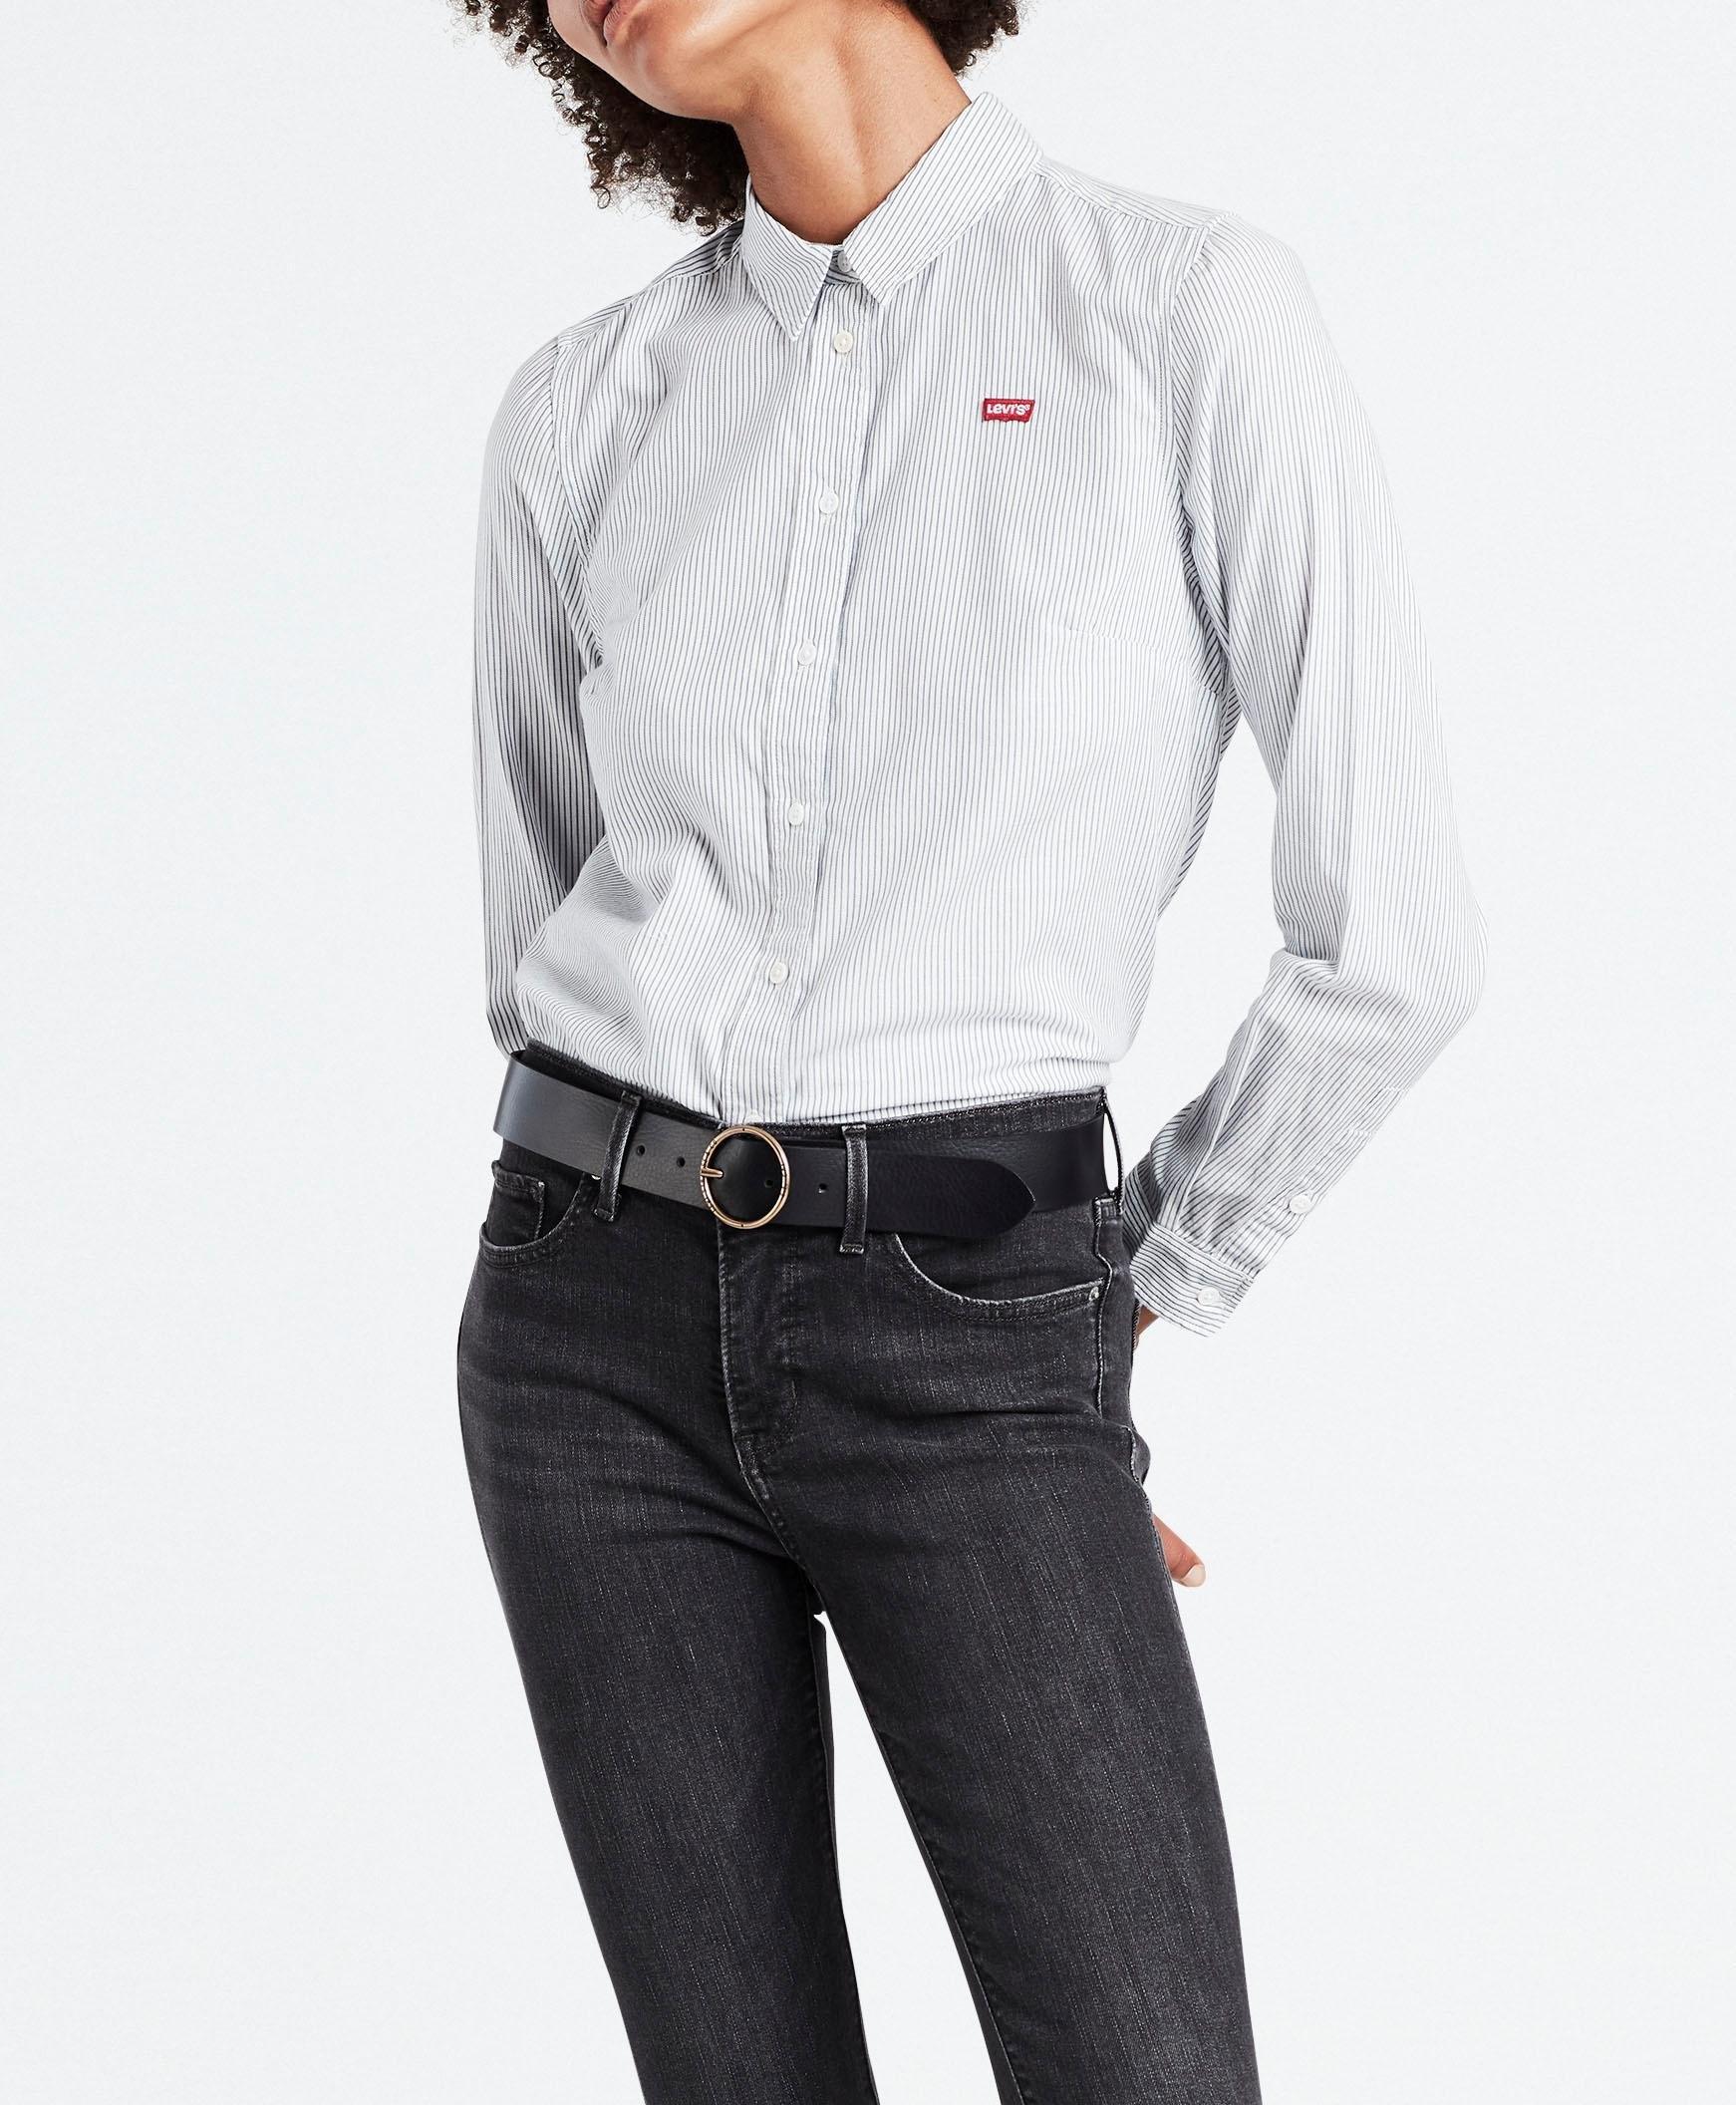 Levi's klassieke blouse Ultimate Shirt met klein batwing-logo - verschillende betaalmethodes